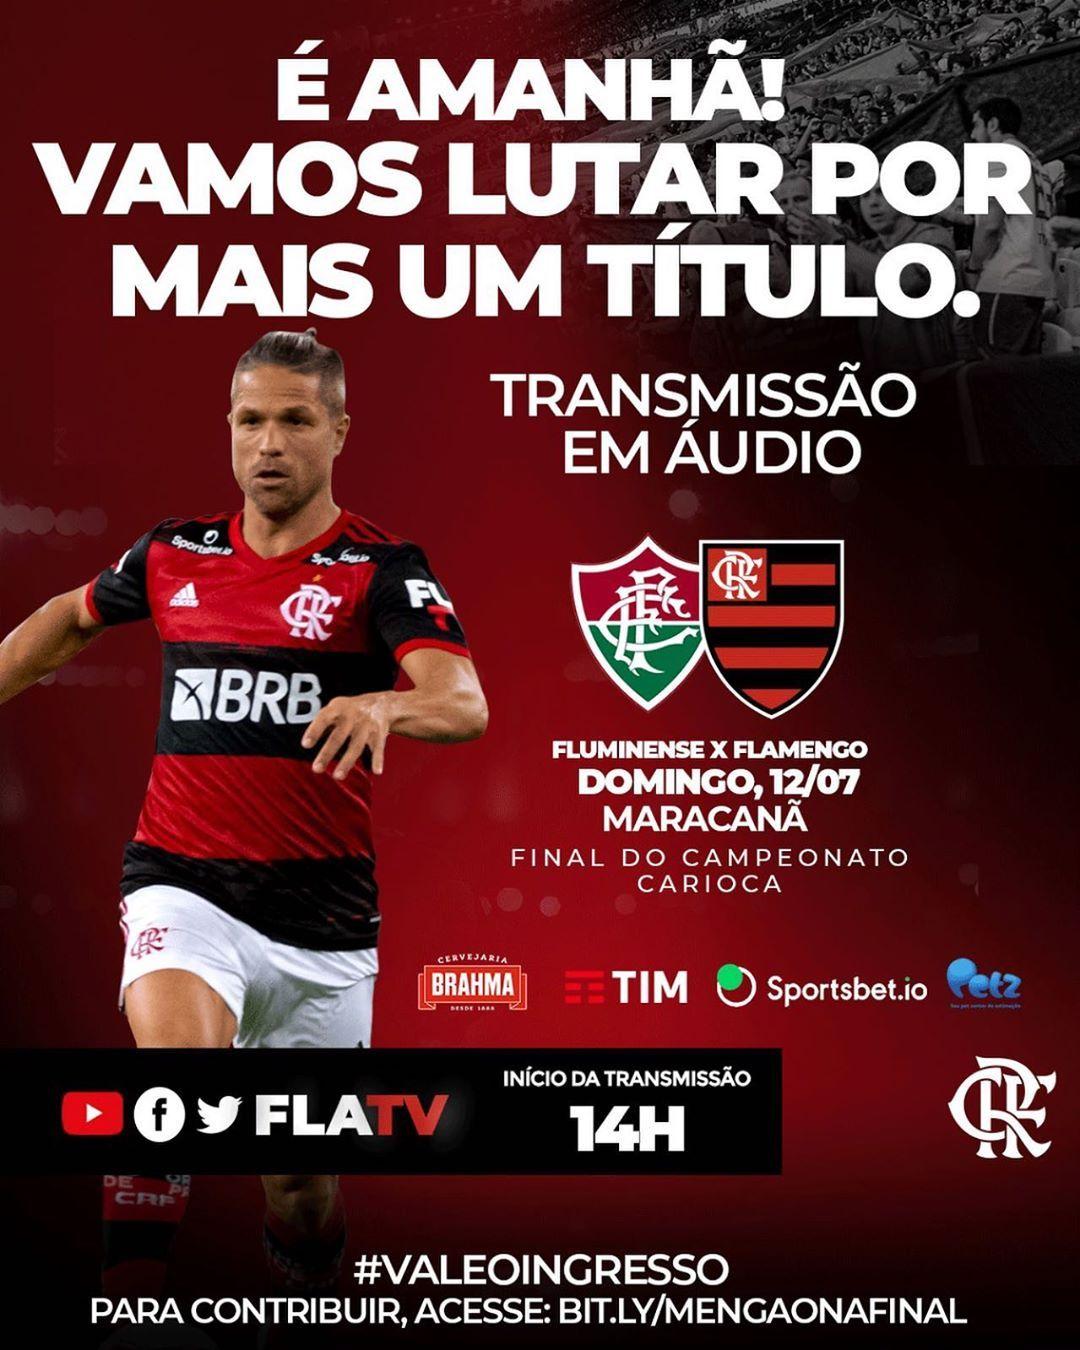 27 2 Mil Curtidas 604 Comentarios Flamengo Flamengo No Instagram E Amanha Nacao O Mengao Enfrenta O Fluminense No Maraca Pelo Primeiro Jogo Da Fin